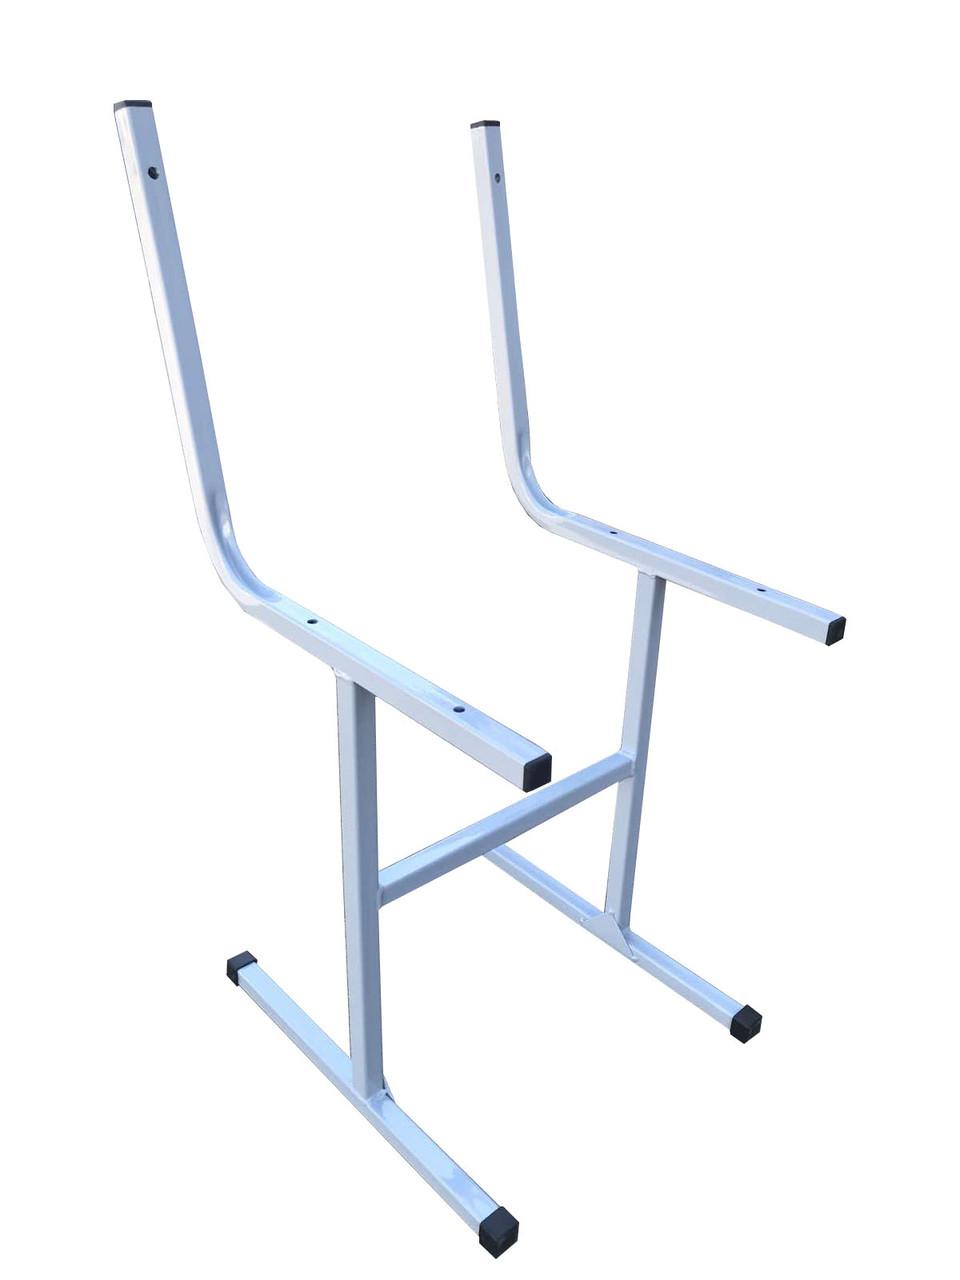 Каркас  ученического стула не регулируемый ( возможные группы роста 4,5,6)